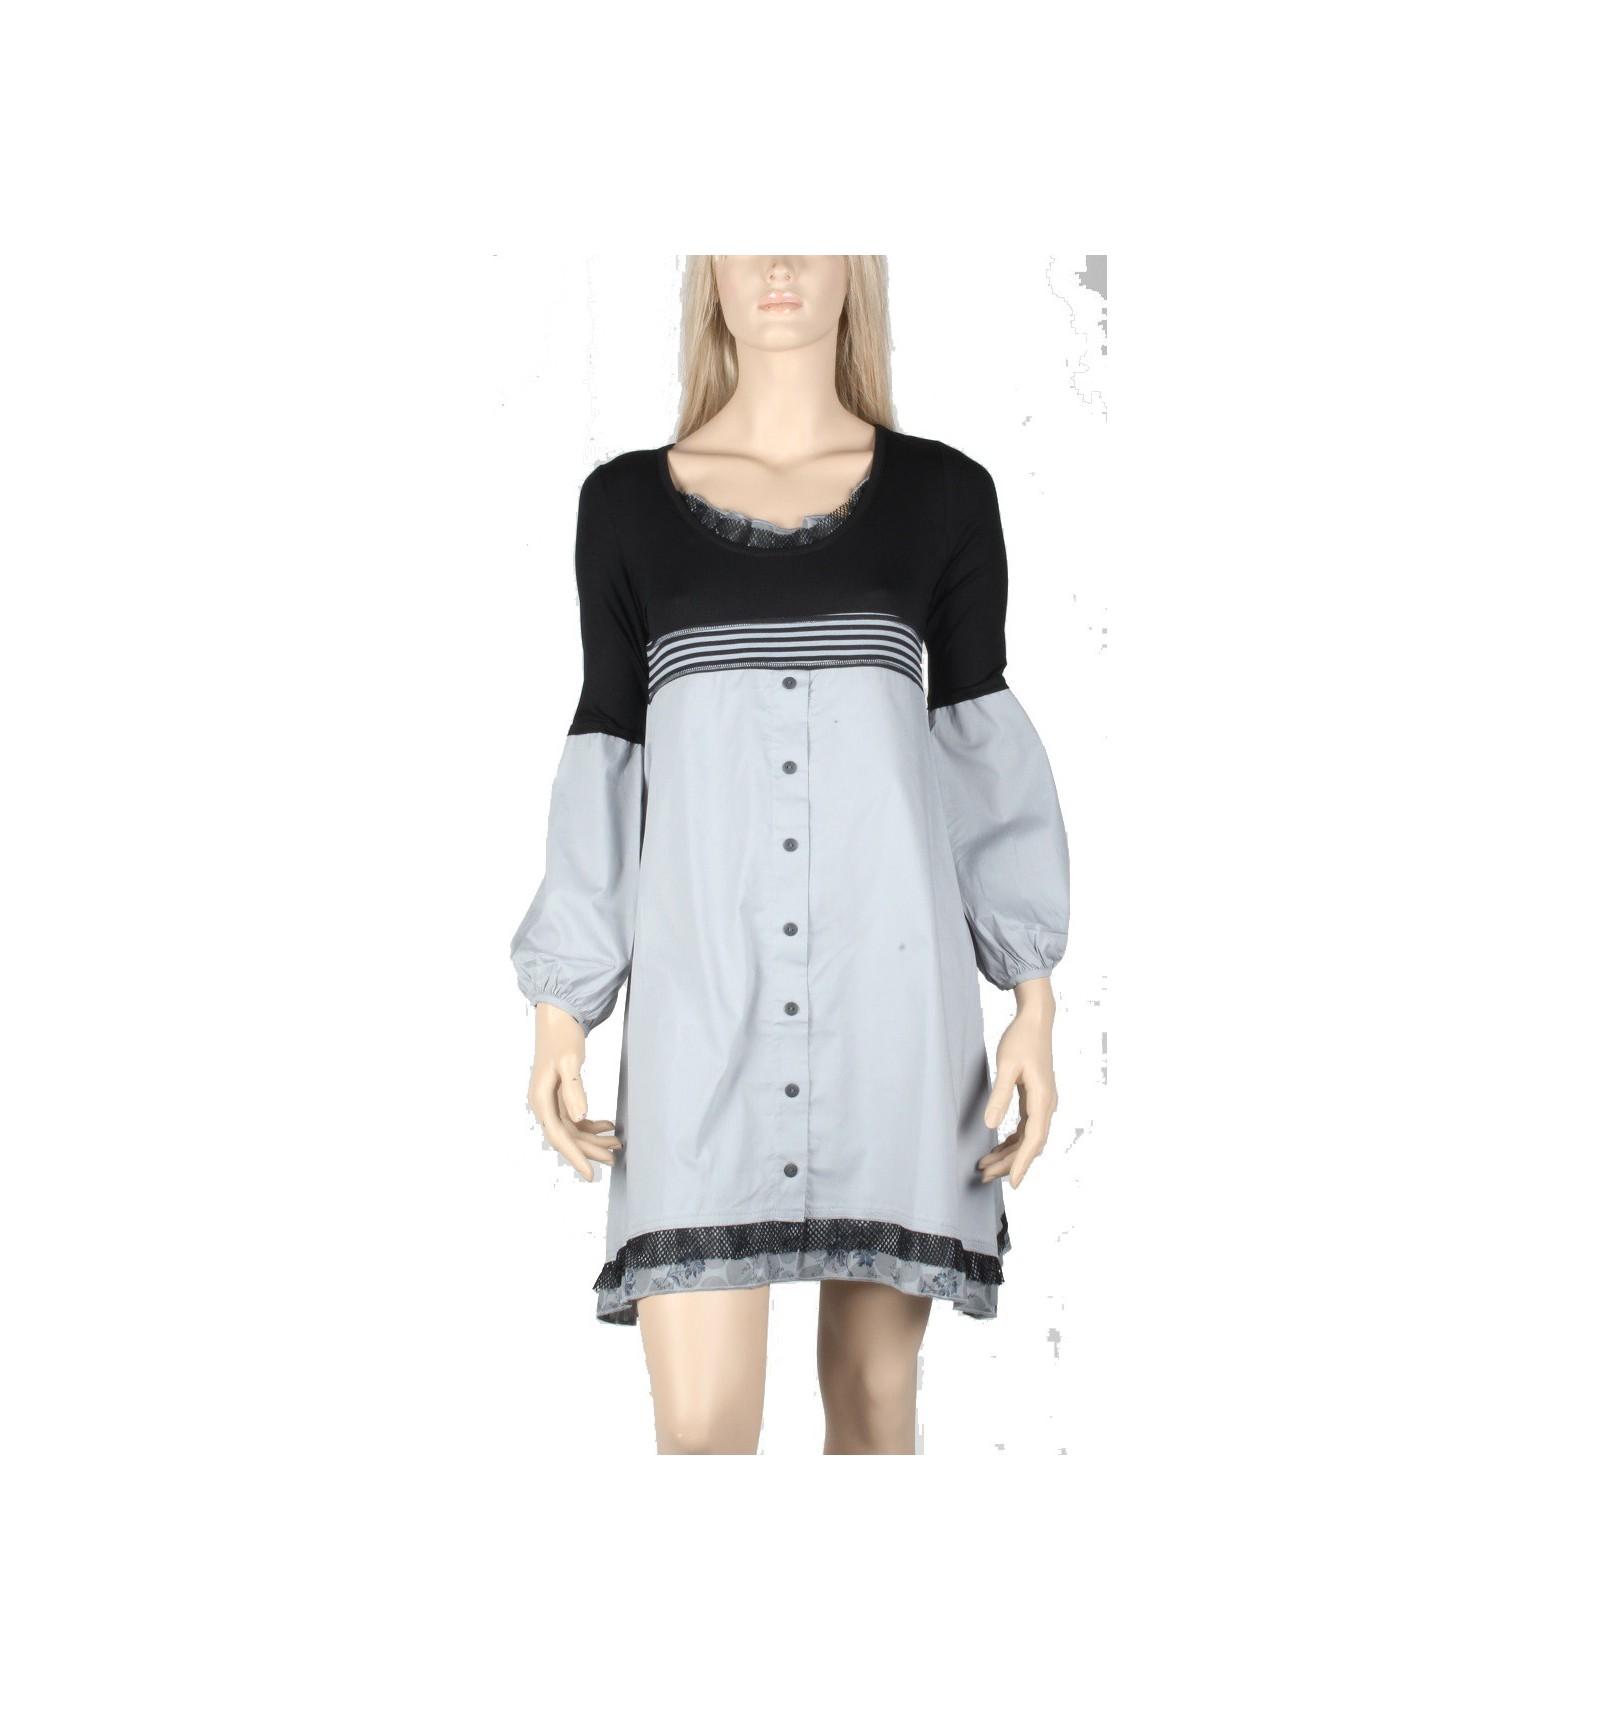 0bbc888f99c Robe maloka gris en Popeline de coton - Mode-lin.com